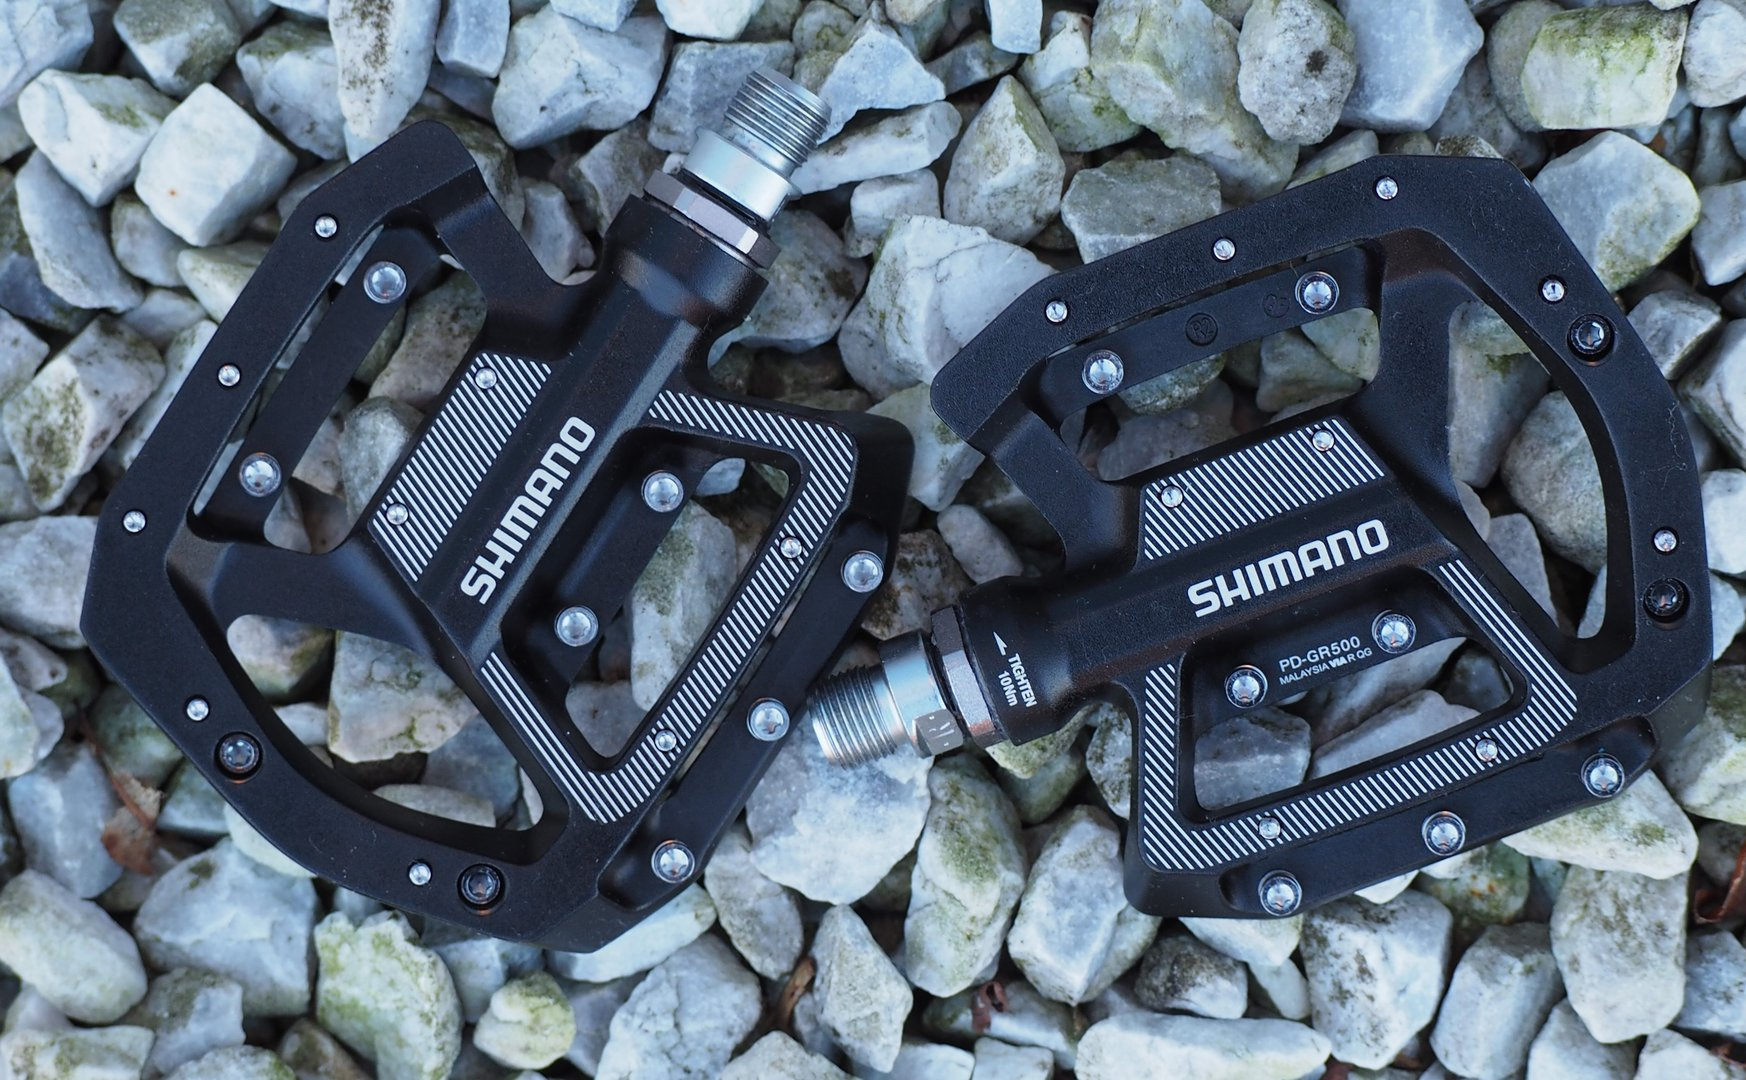 Shimano - PD-GR500 | bike pedal